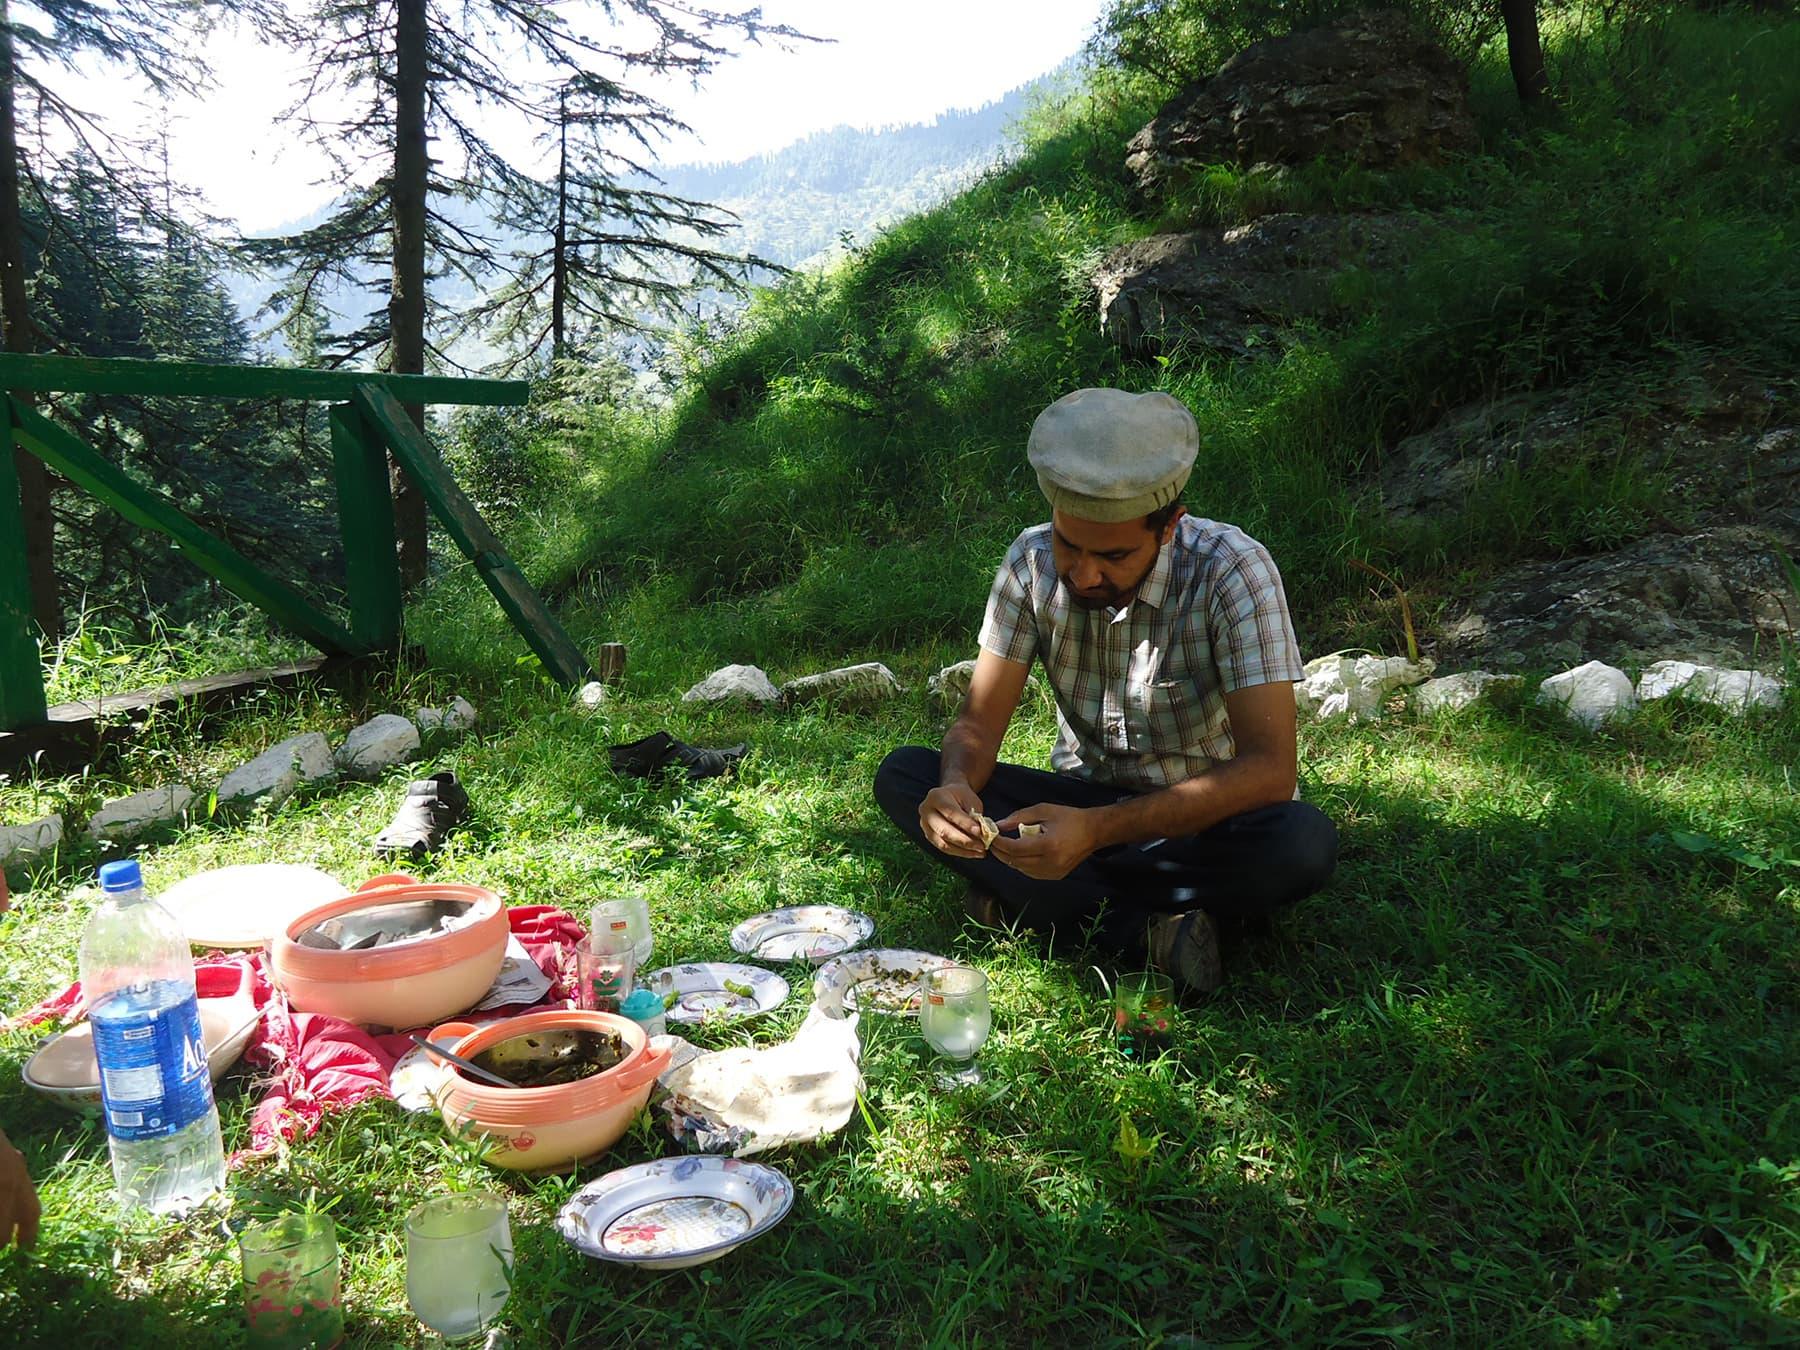 لذیذ روایتی کھانوں سے ہماری تواضع کی گئی—تصویر لکھاری